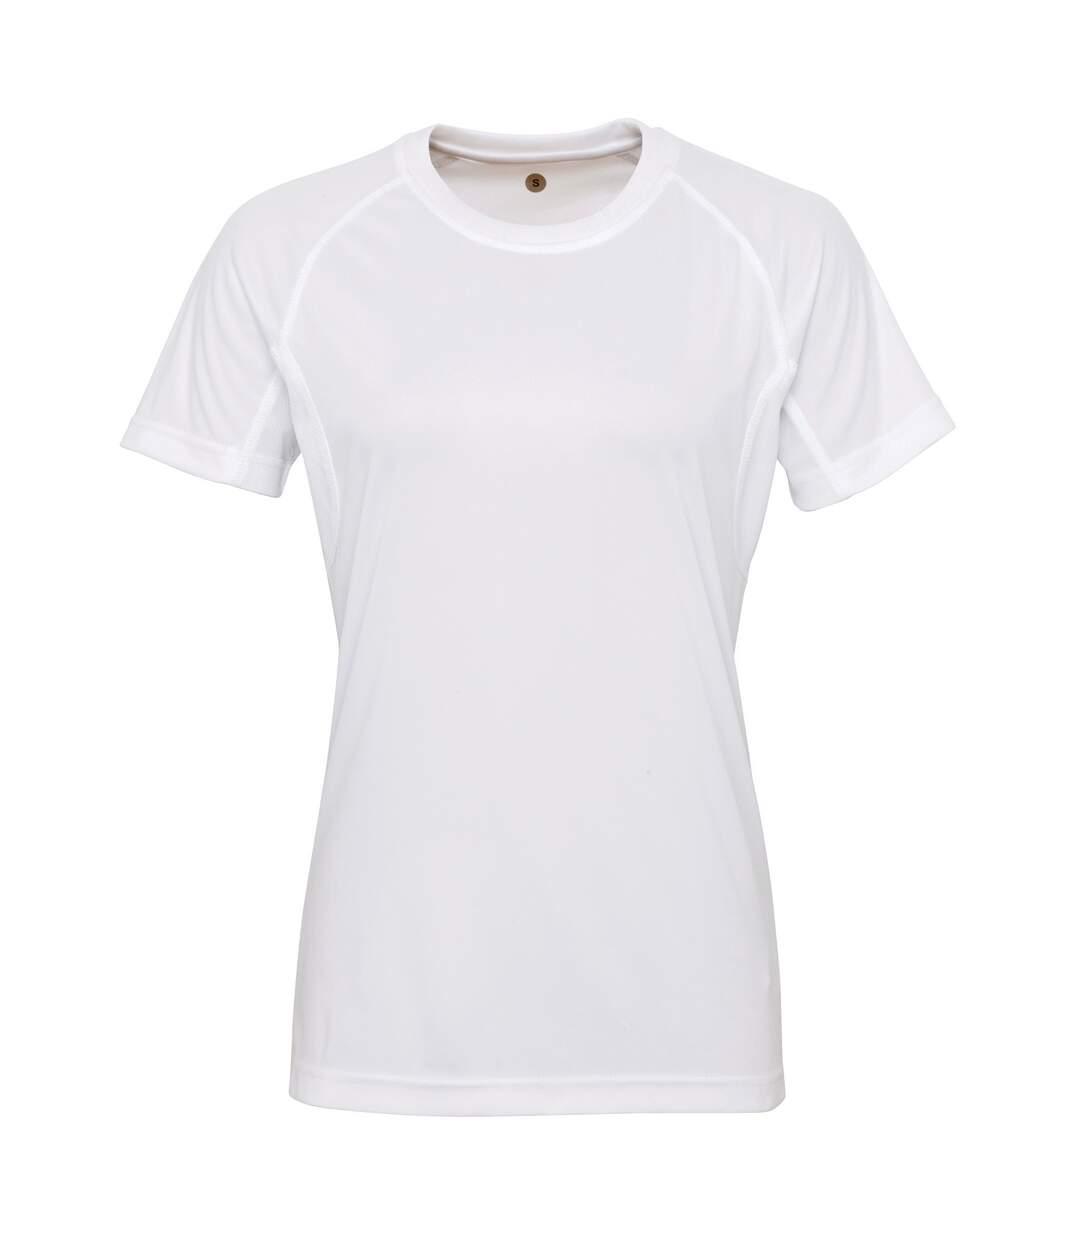 Tri Dri - T-Shirt À Manches Courtes - Femme (Blanc) - UTRW4852